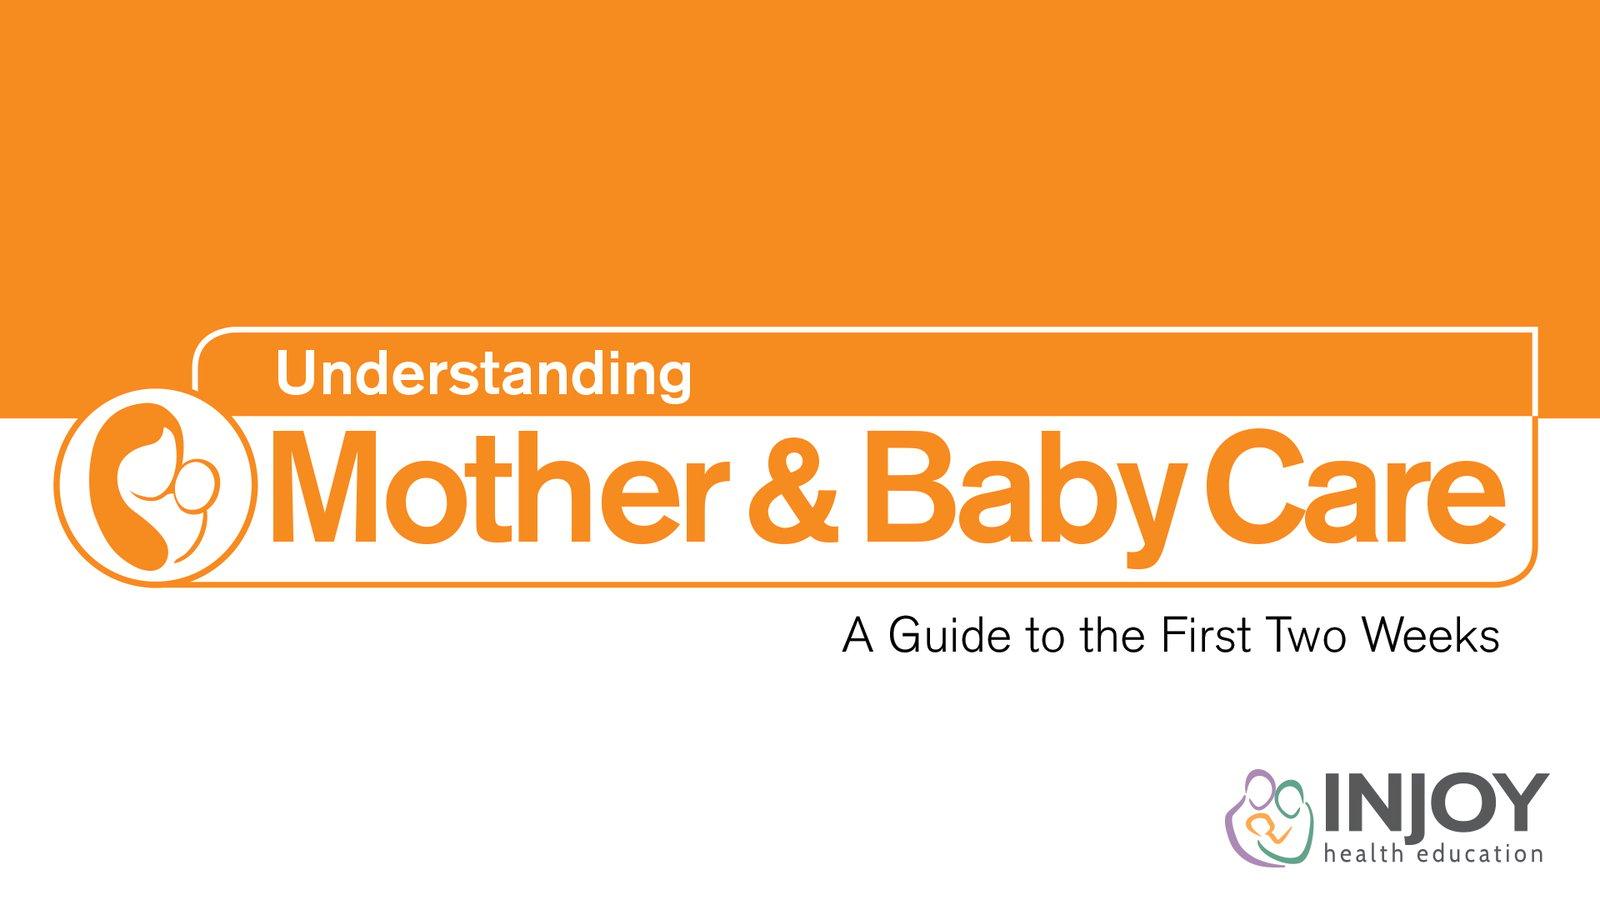 Understanding Mother & Baby Care